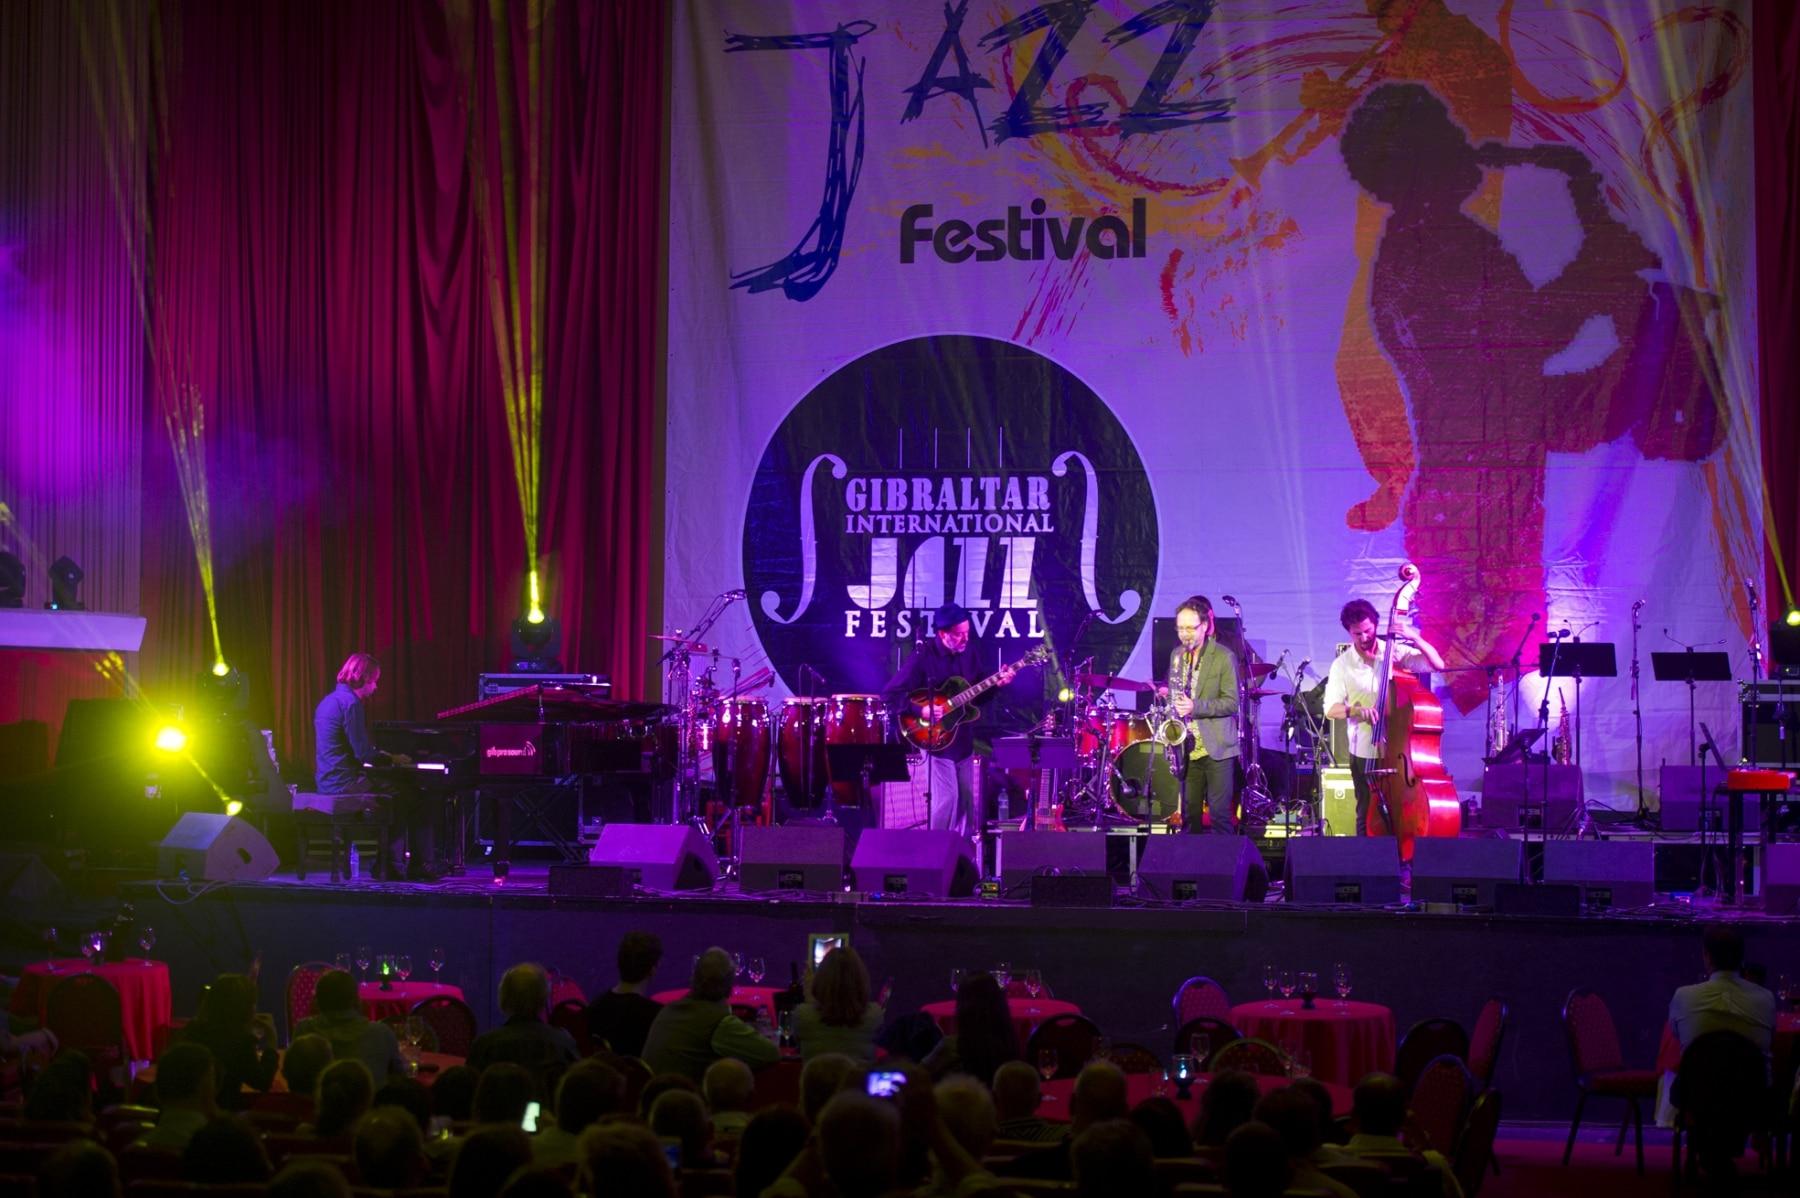 festival-internacional-de-jazz-gibraltar-25102014-27_15631821442_o